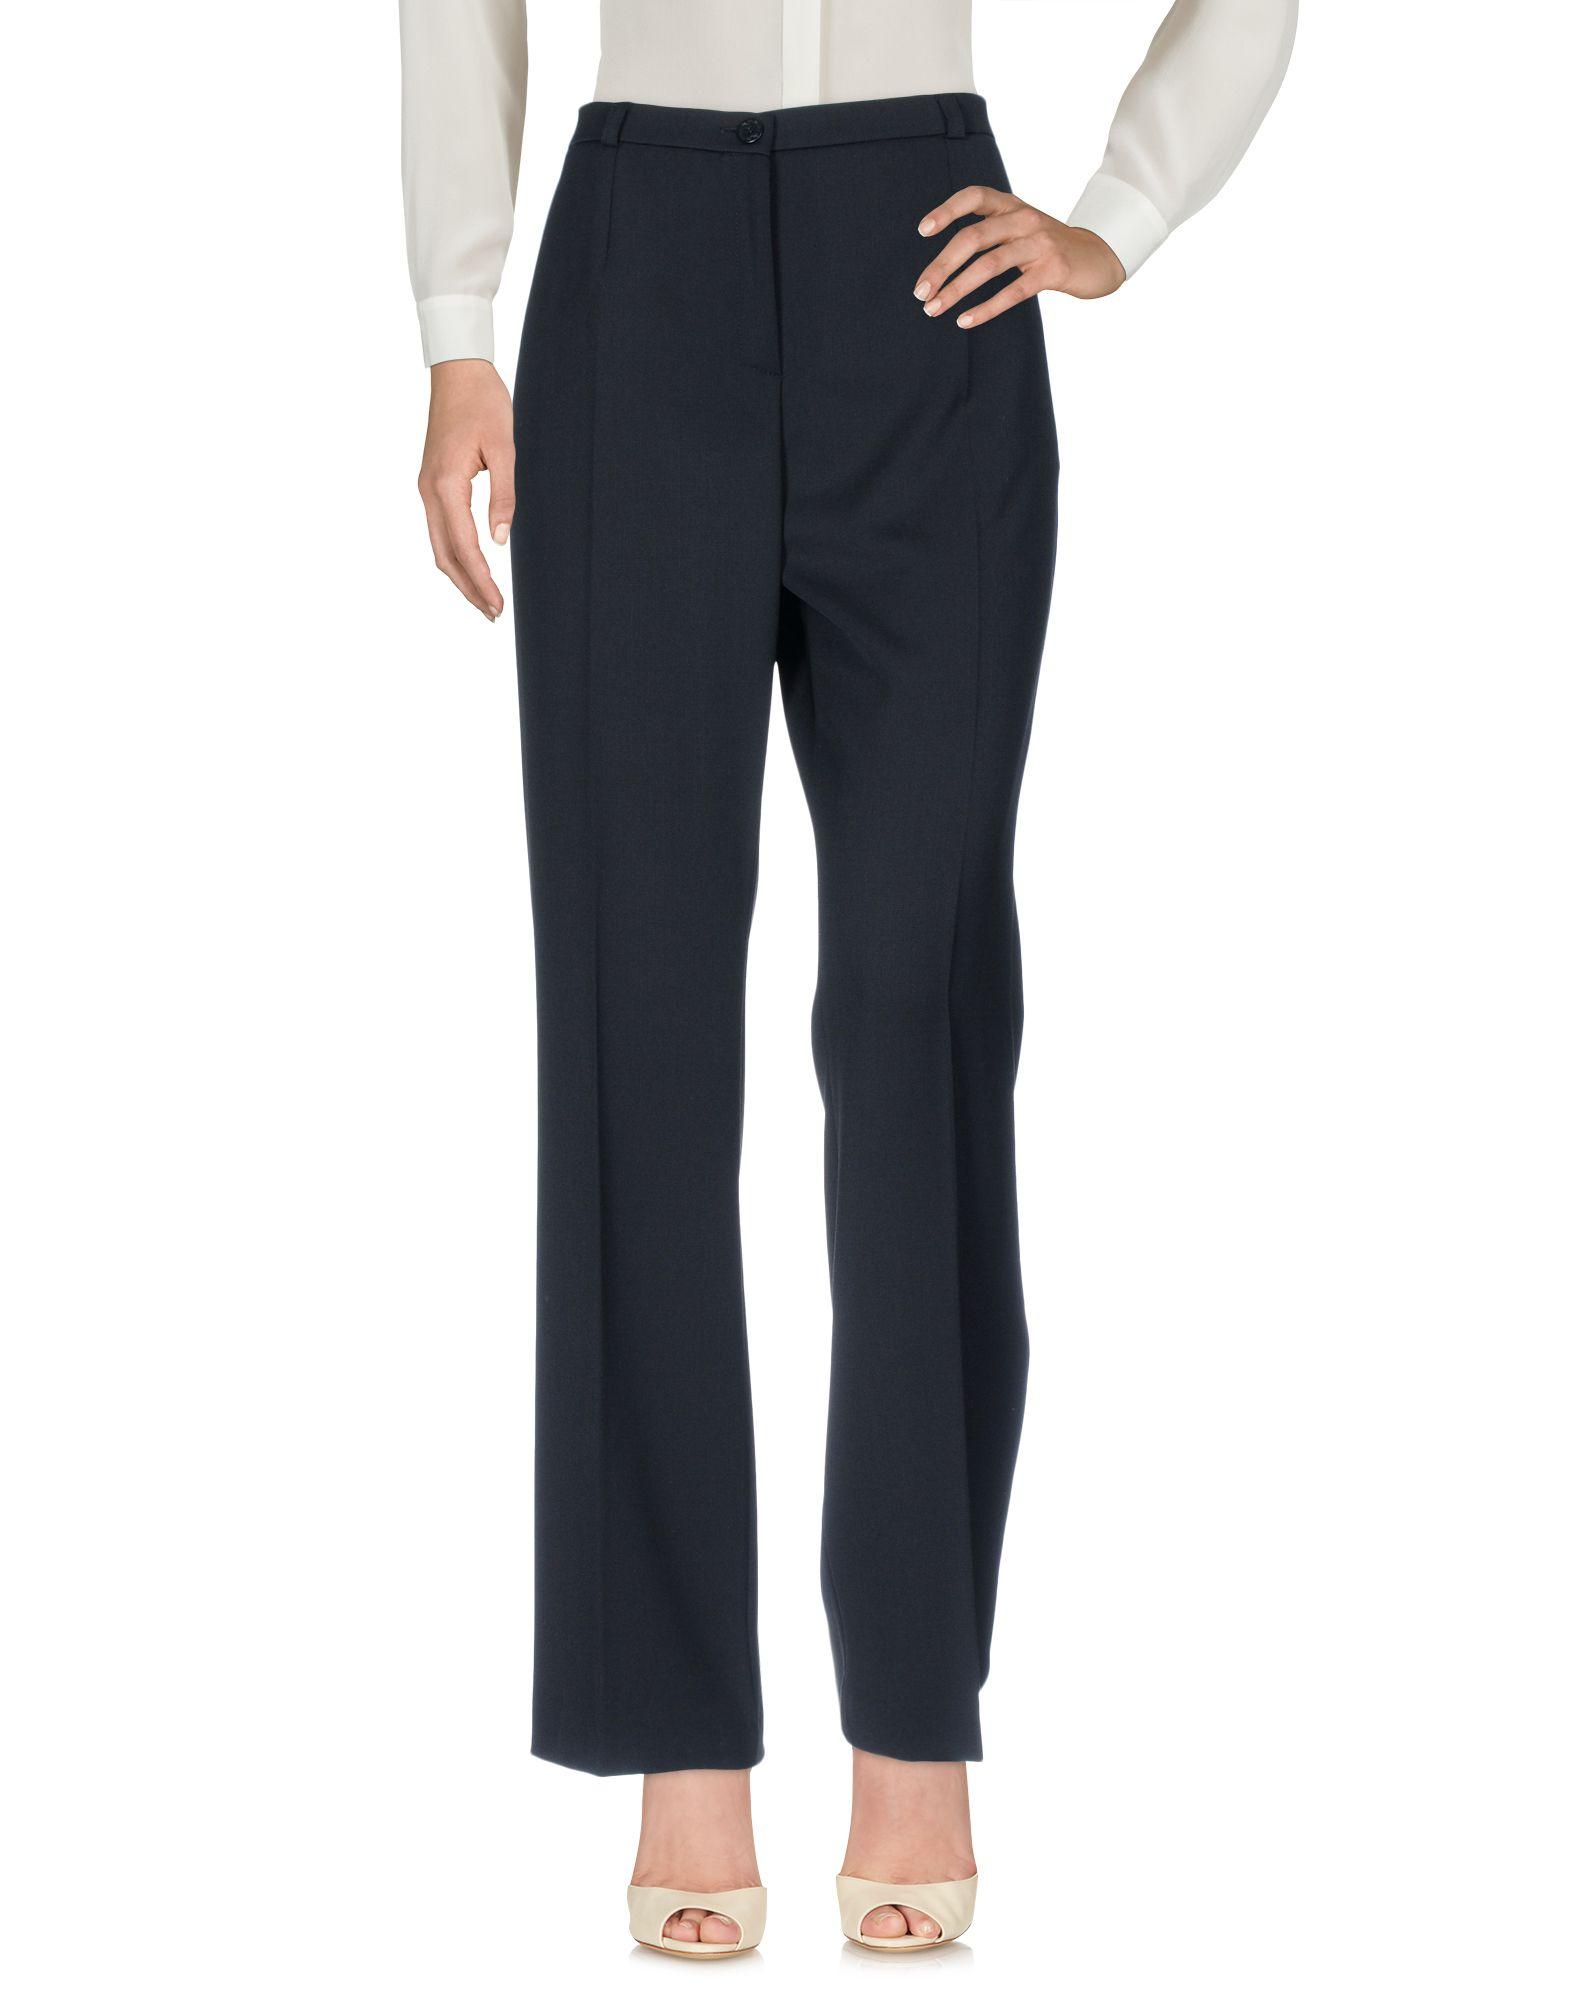 Pantalone Weill Donna - Acquista online su vO3d1M